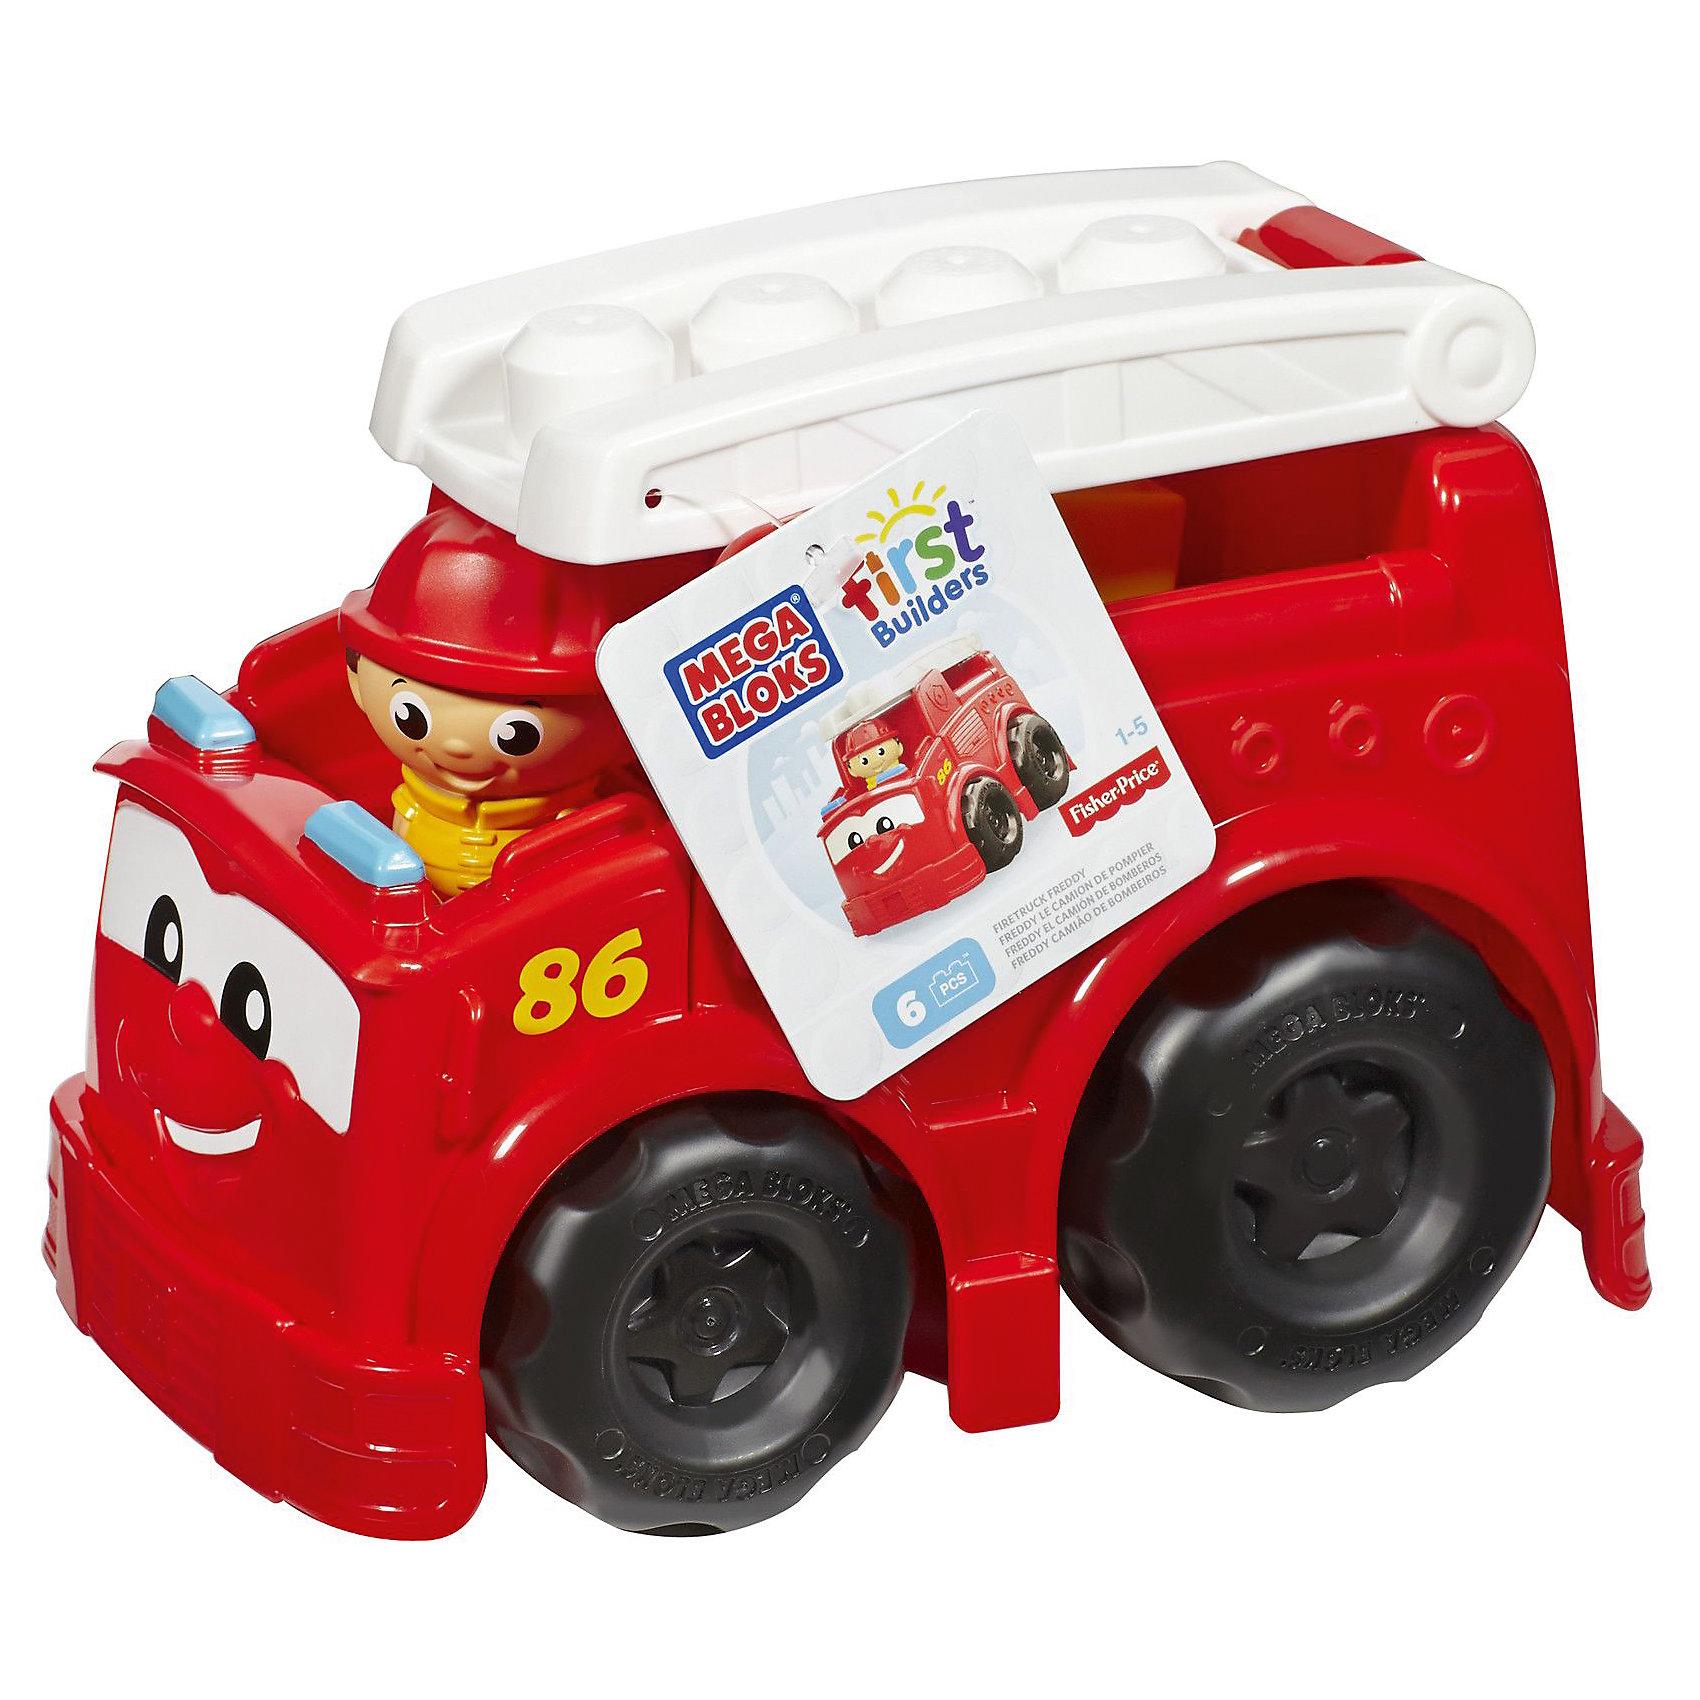 Пожарная машина Фредди First Builders, MEGA BLOKSПожарная машина Фредди First Builders Mega Bloks создана для храбрых пожарников, готовых прийти на помощь в любую минуту. Крупные колеса машины крутятся, чтобы отвезти маленького пожарника. Фигурку можно посадить на лестницу, находящуюся на крыше. Спереди у машины есть глазки и милая улыбка. Для создания сюжетно-ролевой игры, в комплекте есть 6 фрагментов конструктора. Все детали изготовлены из качественных материалов и абсолютно безопасны. Позвольте малышу почувствовать себя настоящим пожарником!<br><br>Дополнительная информация: <br>Материал: пластик<br>В комплекте: пожарная машина, лестница, фигурка пожарного, 6 деталей конструктора<br>Размер упаковки: 24x18x17 см<br><br>Пожарную машину Фредди First Builders Mega Bloks можно приобрести в нашем интернет-магазине.<br><br>Ширина мм: 258<br>Глубина мм: 175<br>Высота мм: 177<br>Вес г: 537<br>Возраст от месяцев: 12<br>Возраст до месяцев: 48<br>Пол: Унисекс<br>Возраст: Детский<br>SKU: 3920909